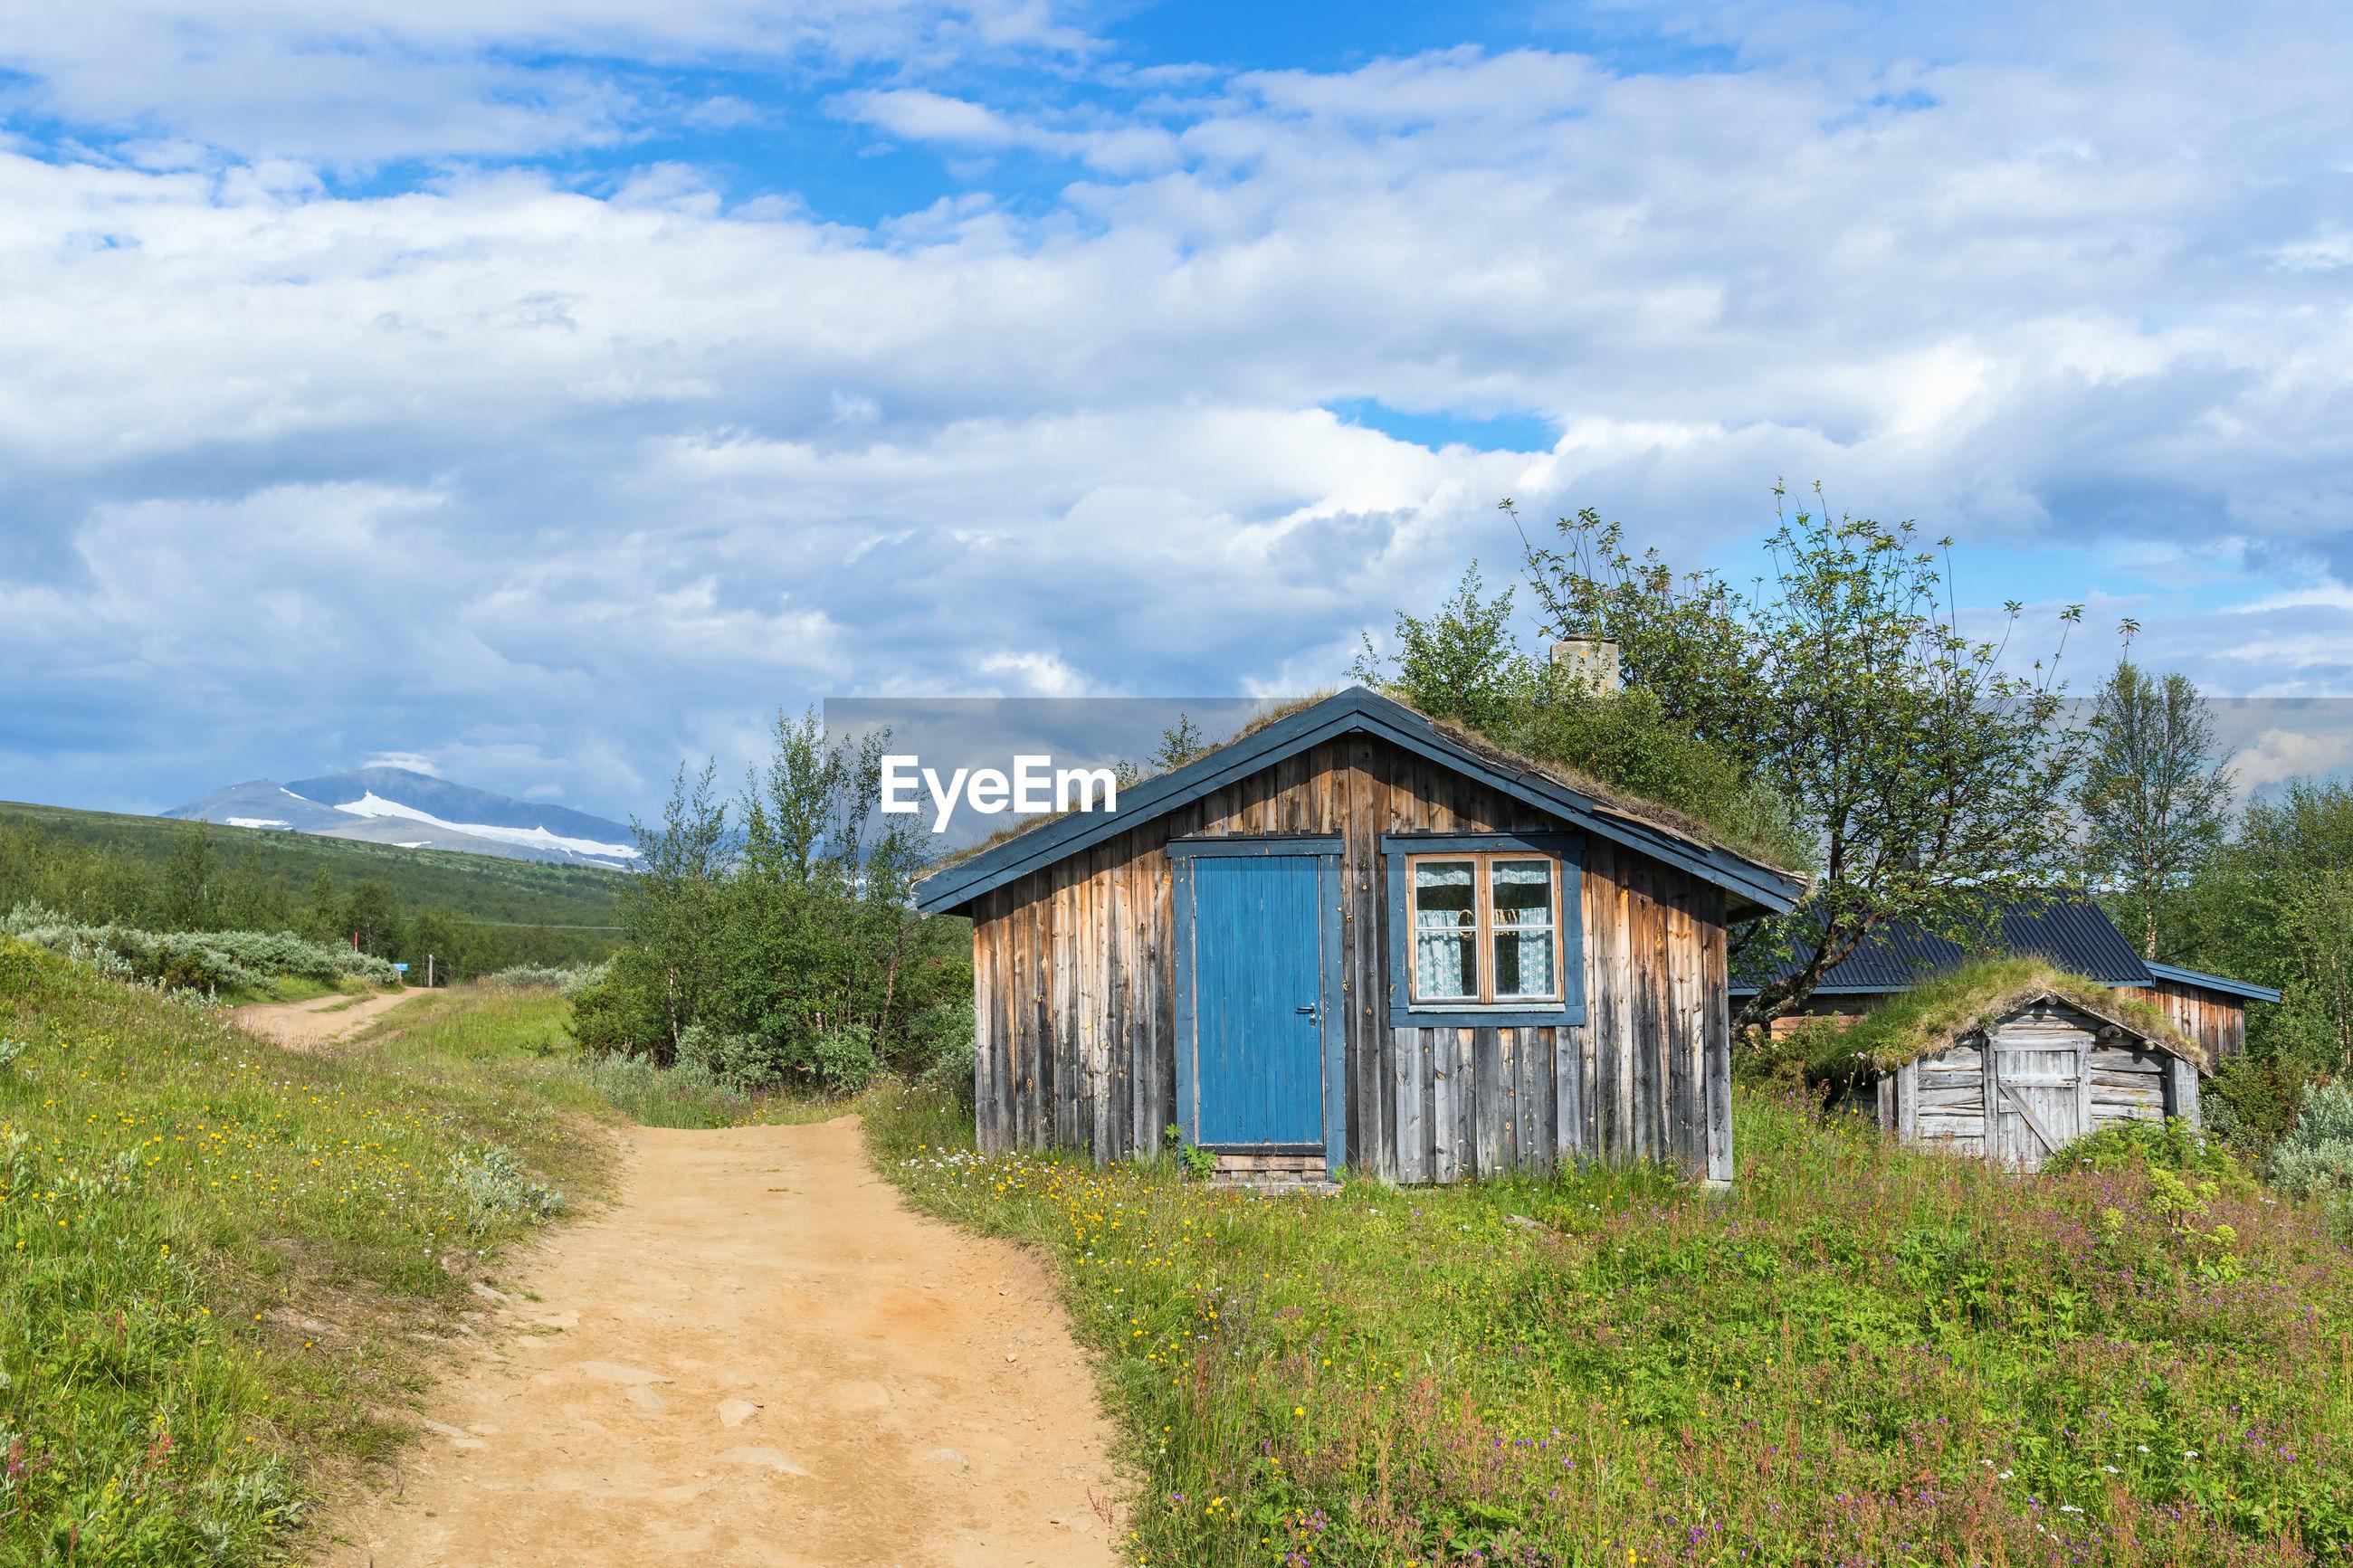 HOUSE ON GRASS AGAINST SKY